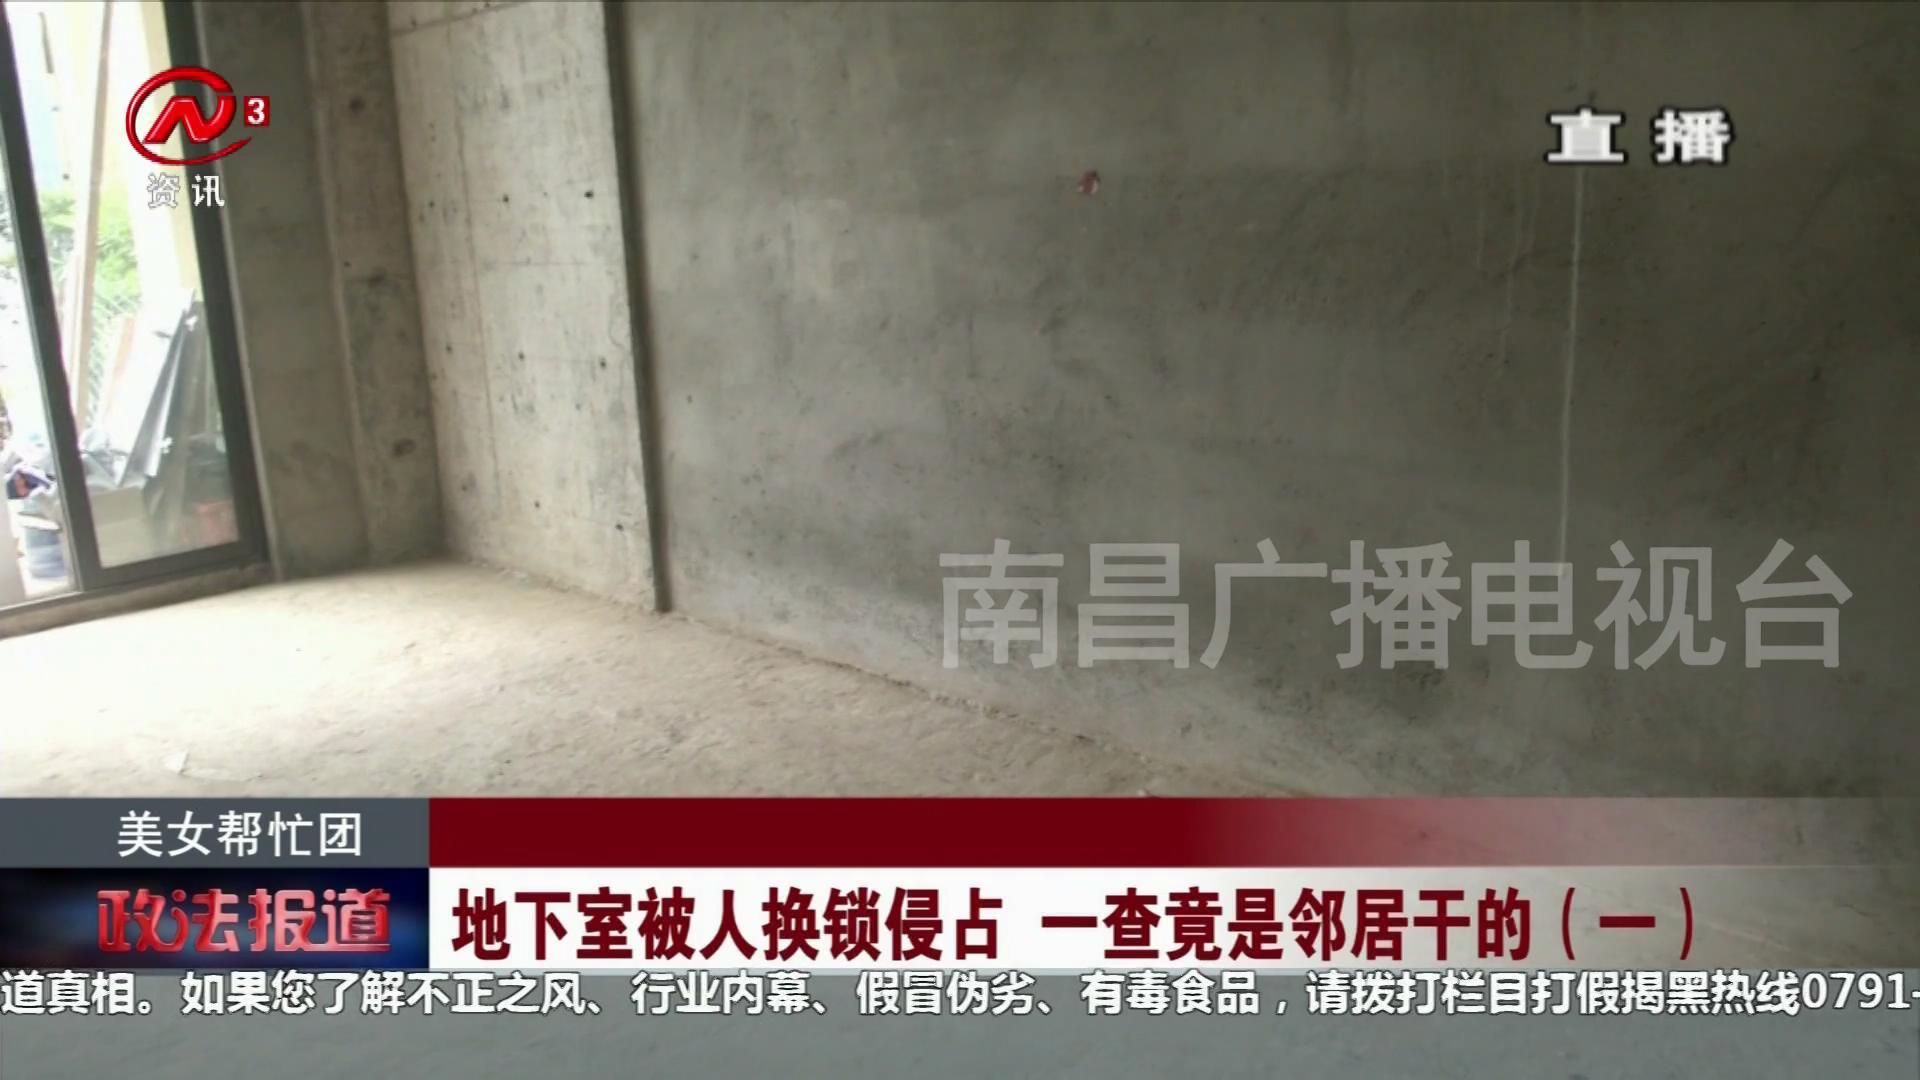 地下室被人换锁侵占 一查竟是邻居干的